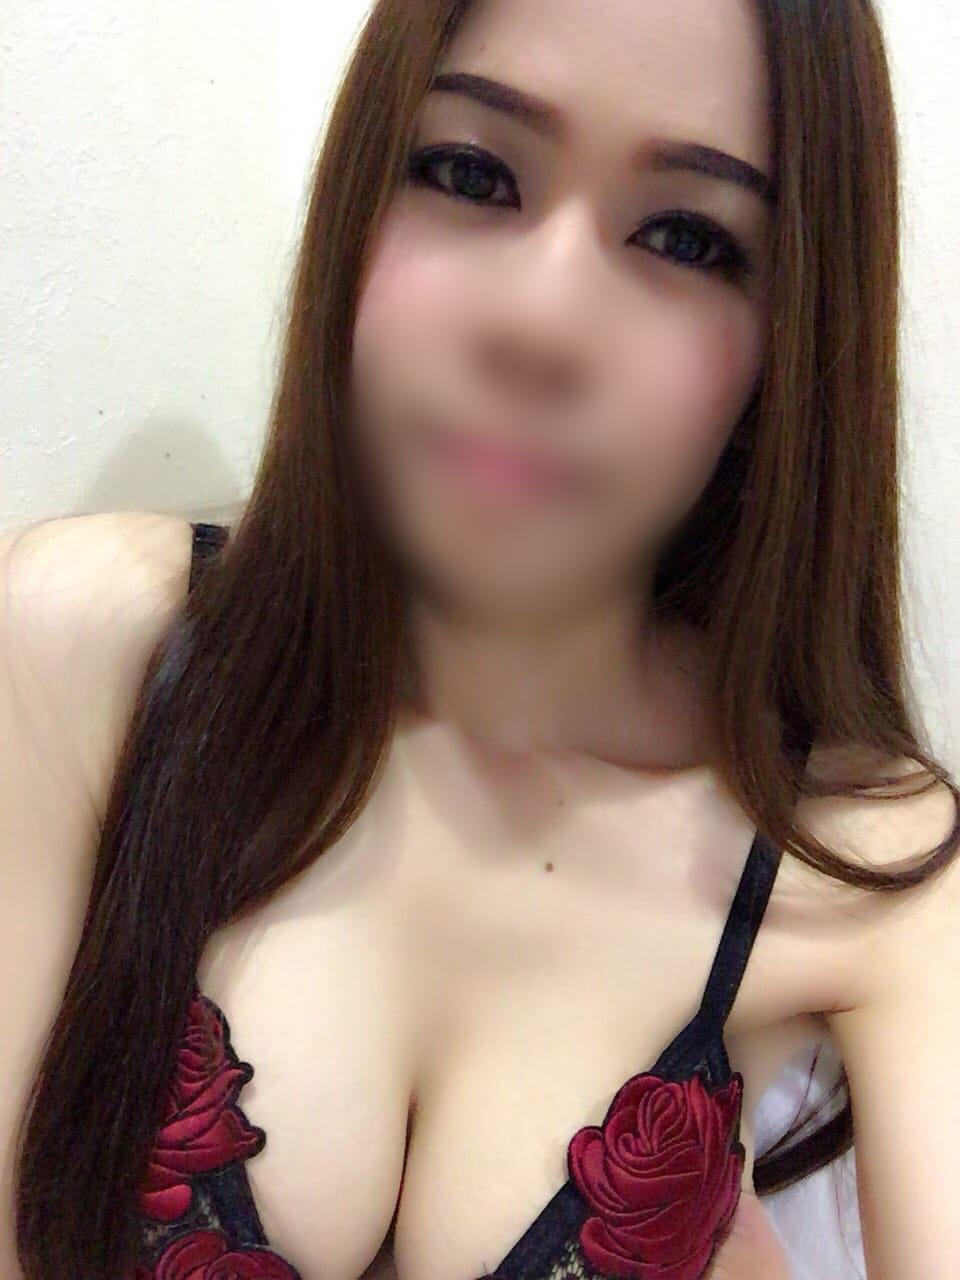 ジャスミン「おはようございます」09/19(火) 12:49 | ジャスミンの写メ・風俗動画